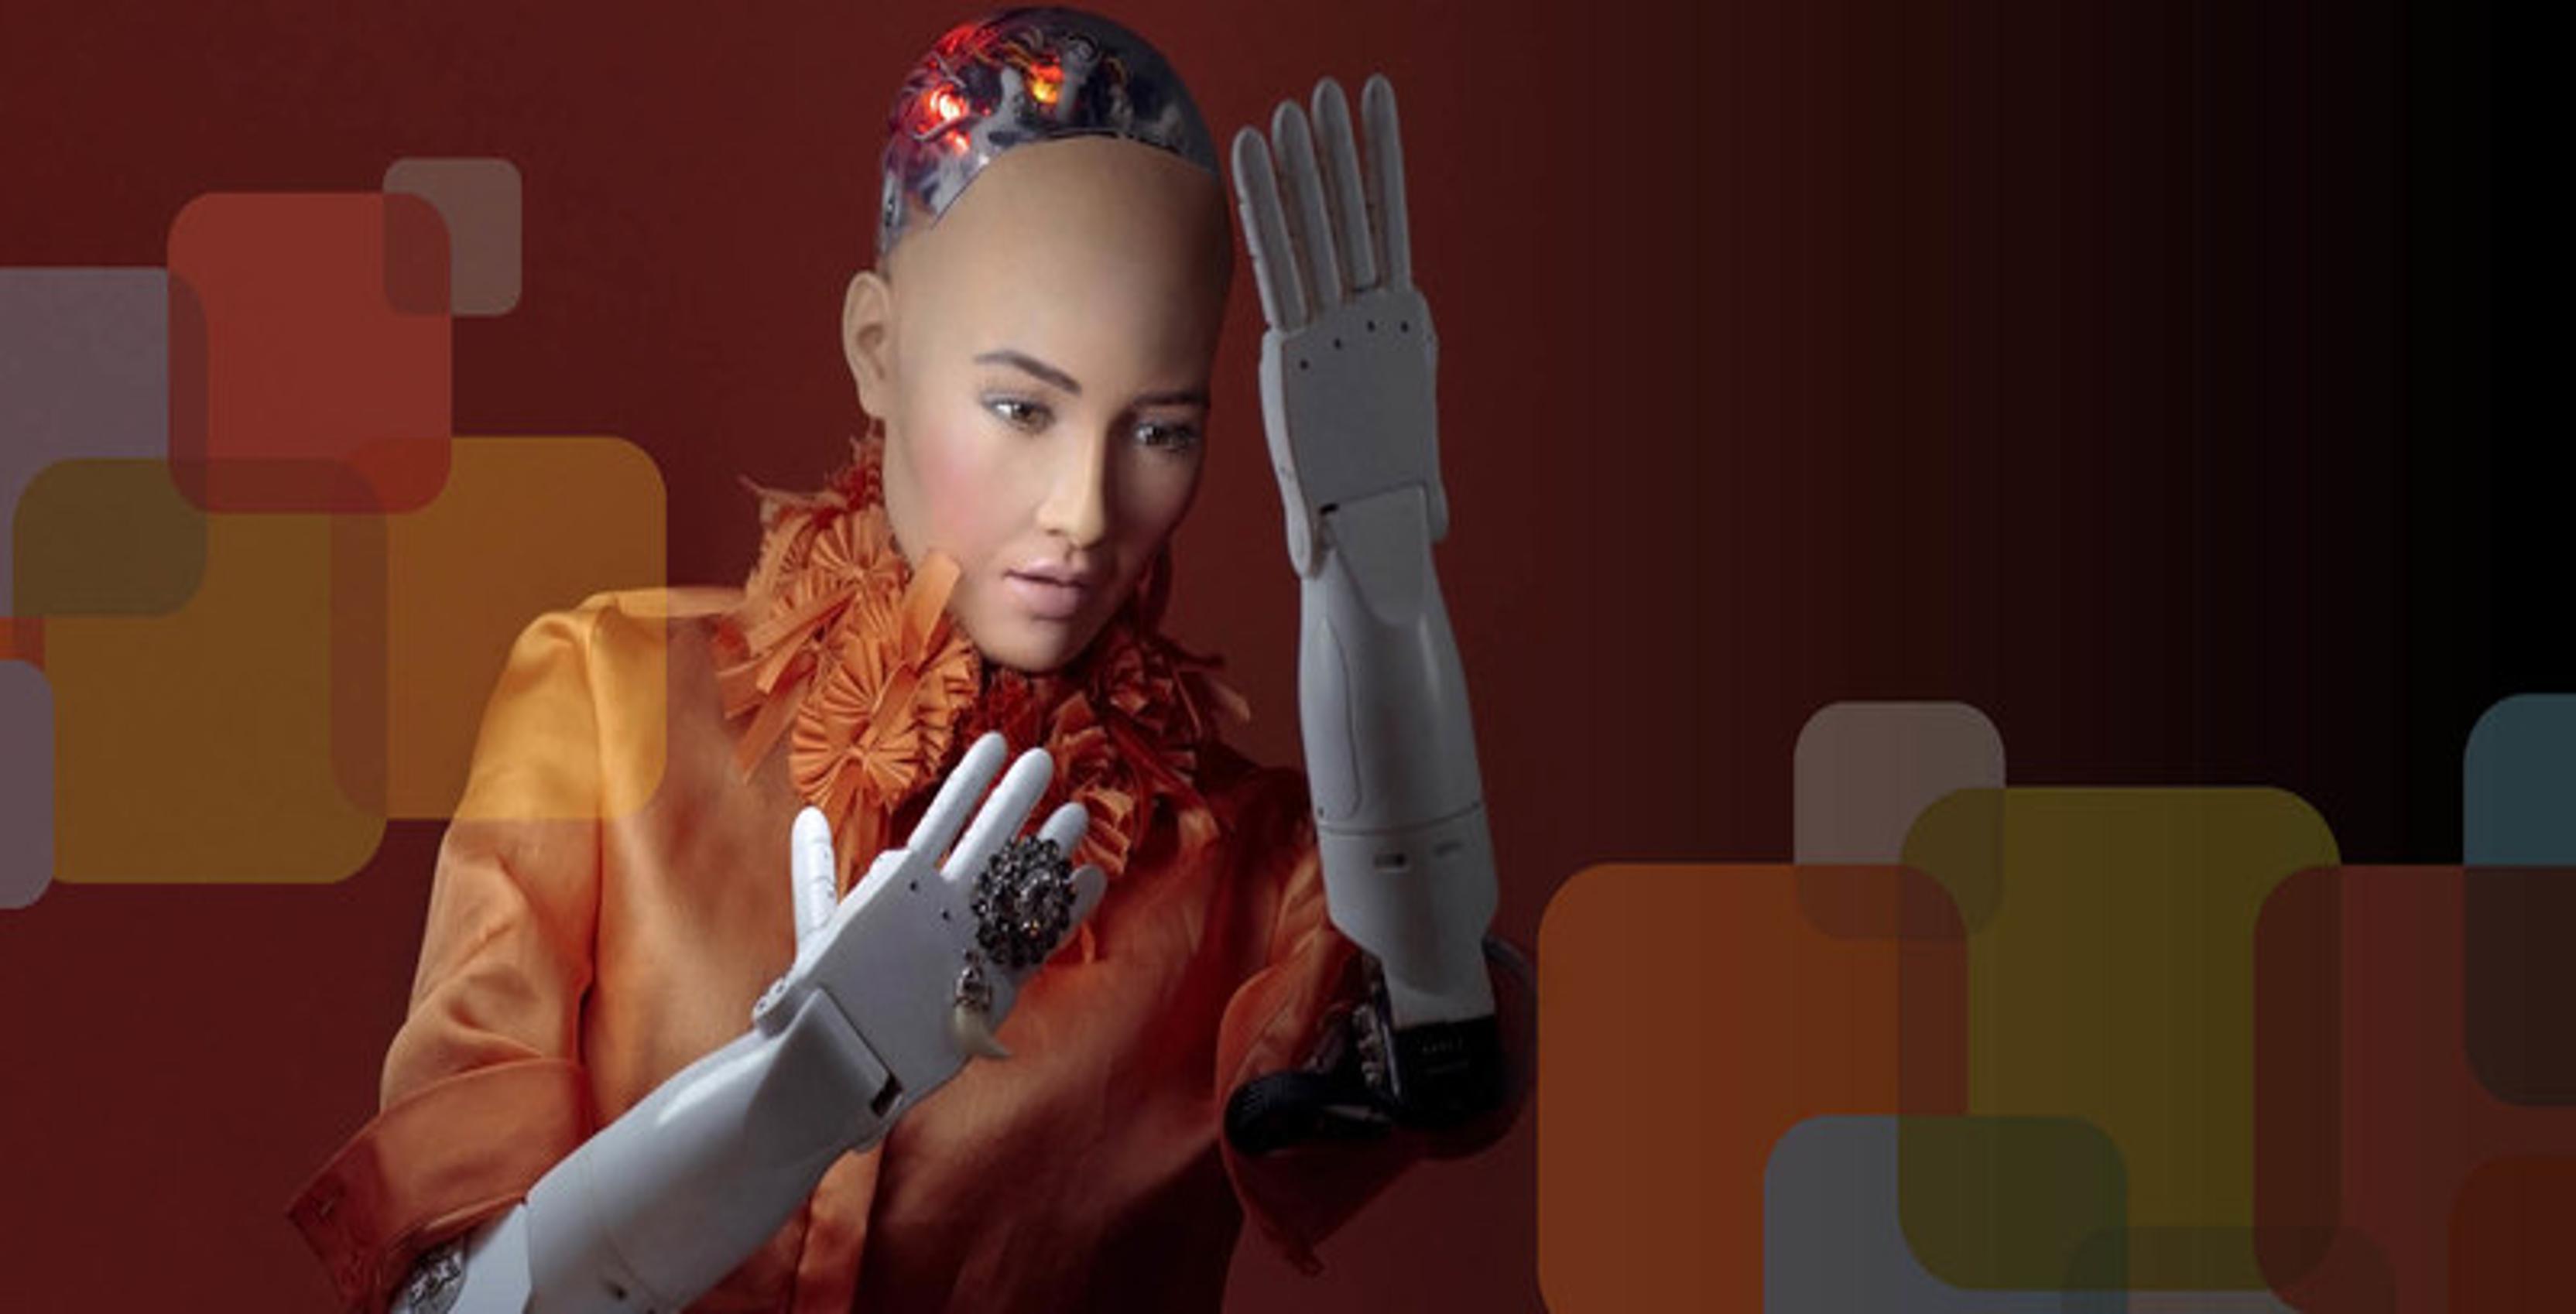 Risultati immagini per robot sophia